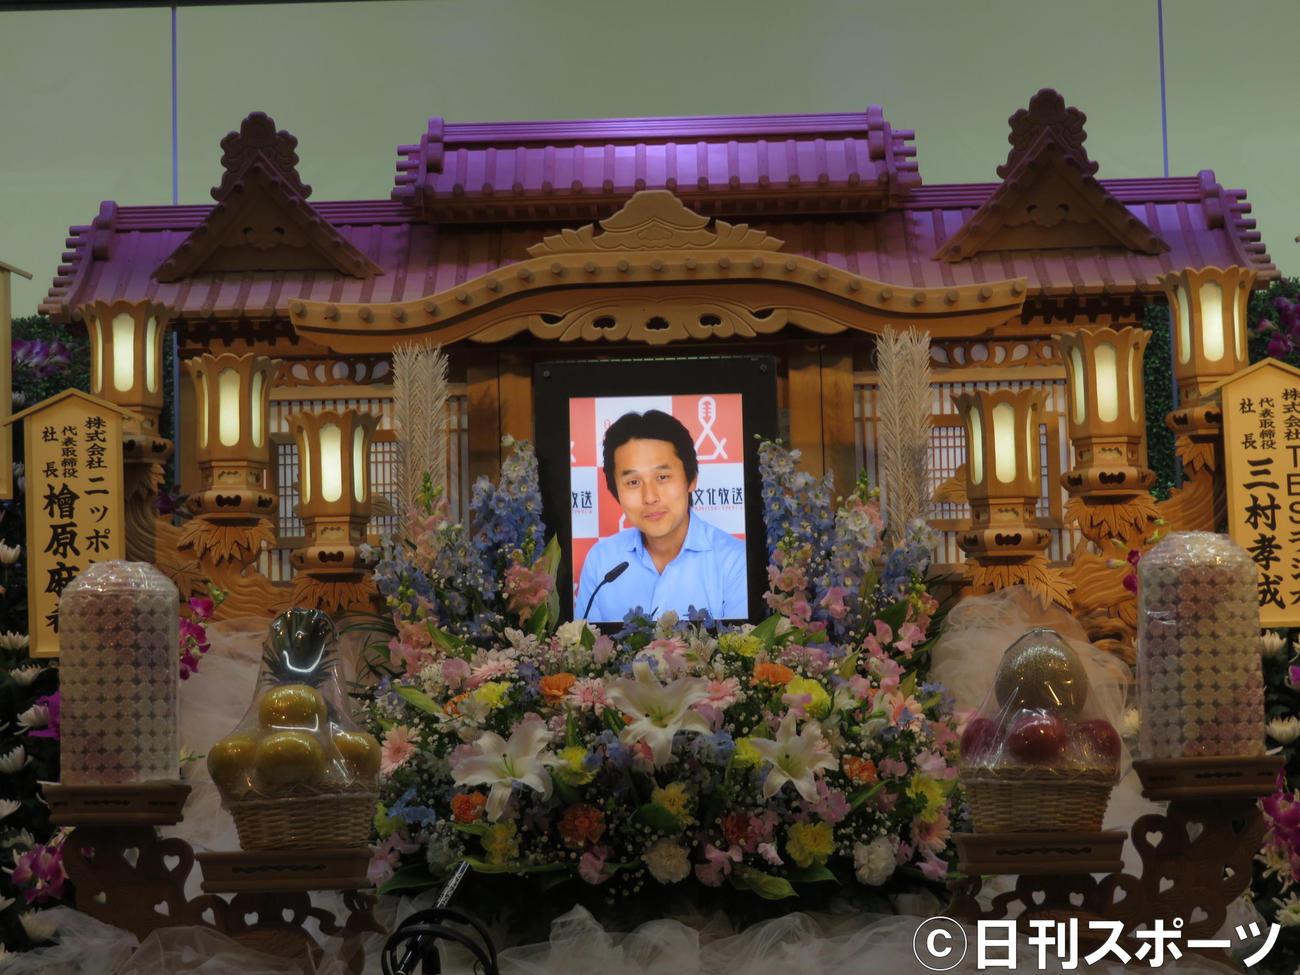 松島茂さんの祭壇(2020年2月27日撮影)